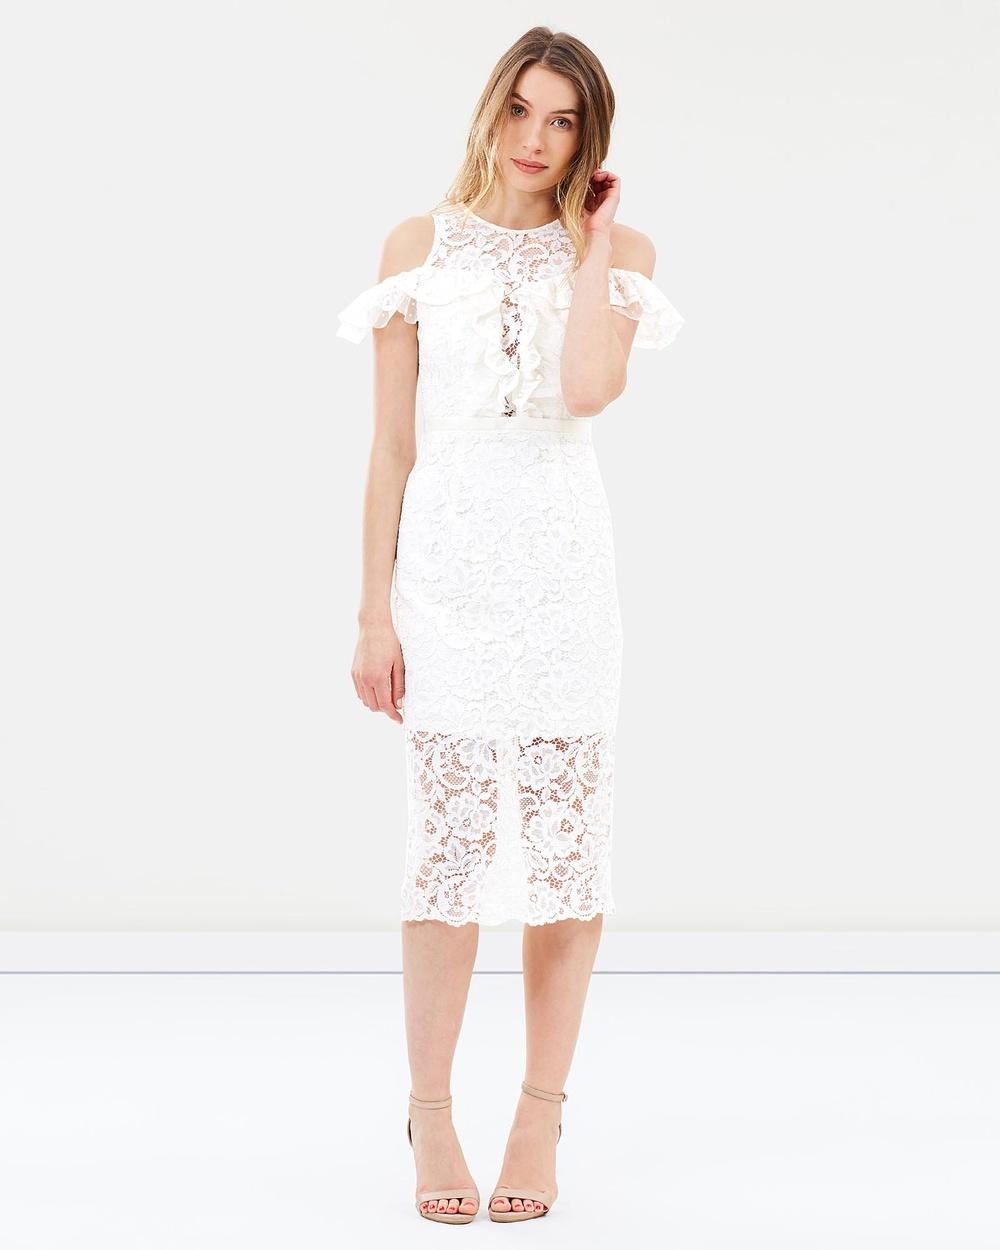 Love Honor Paris Lace Dress Bridesmaid Dresses Ivory Paris Lace Dress